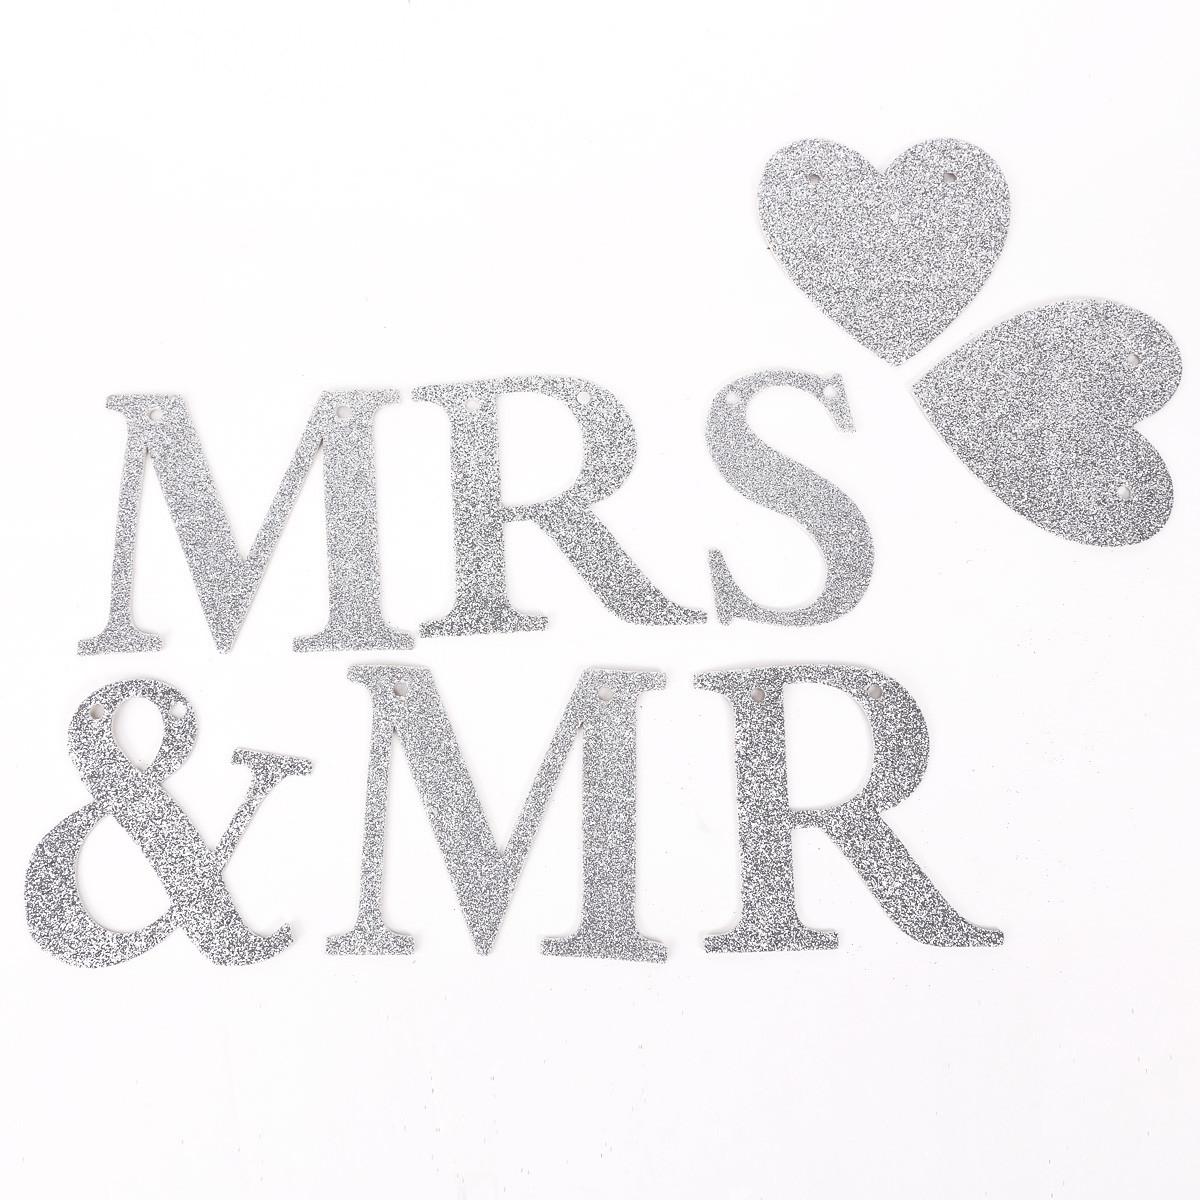 Mr & Mrs Hochzeit  Mr & Mrs HOCHZEIT PARTY DEKO GIRLANDE Hochzeitsgirlande